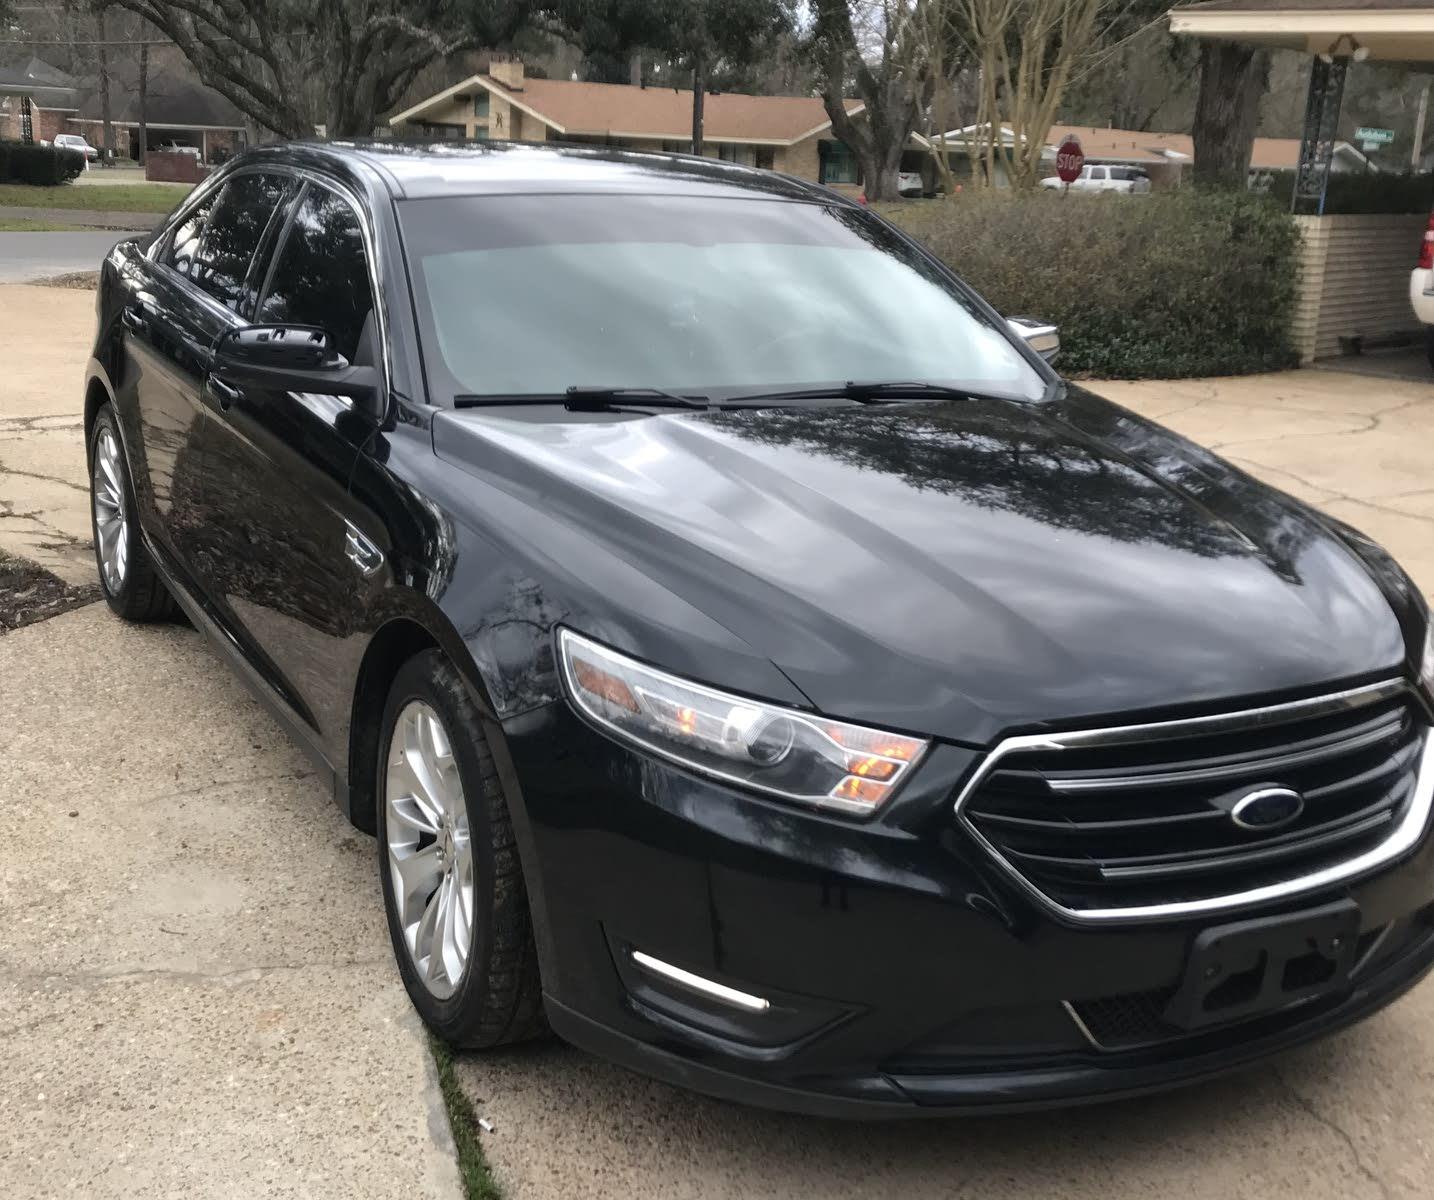 Cargurus Car Value: Ford Taunus Questions